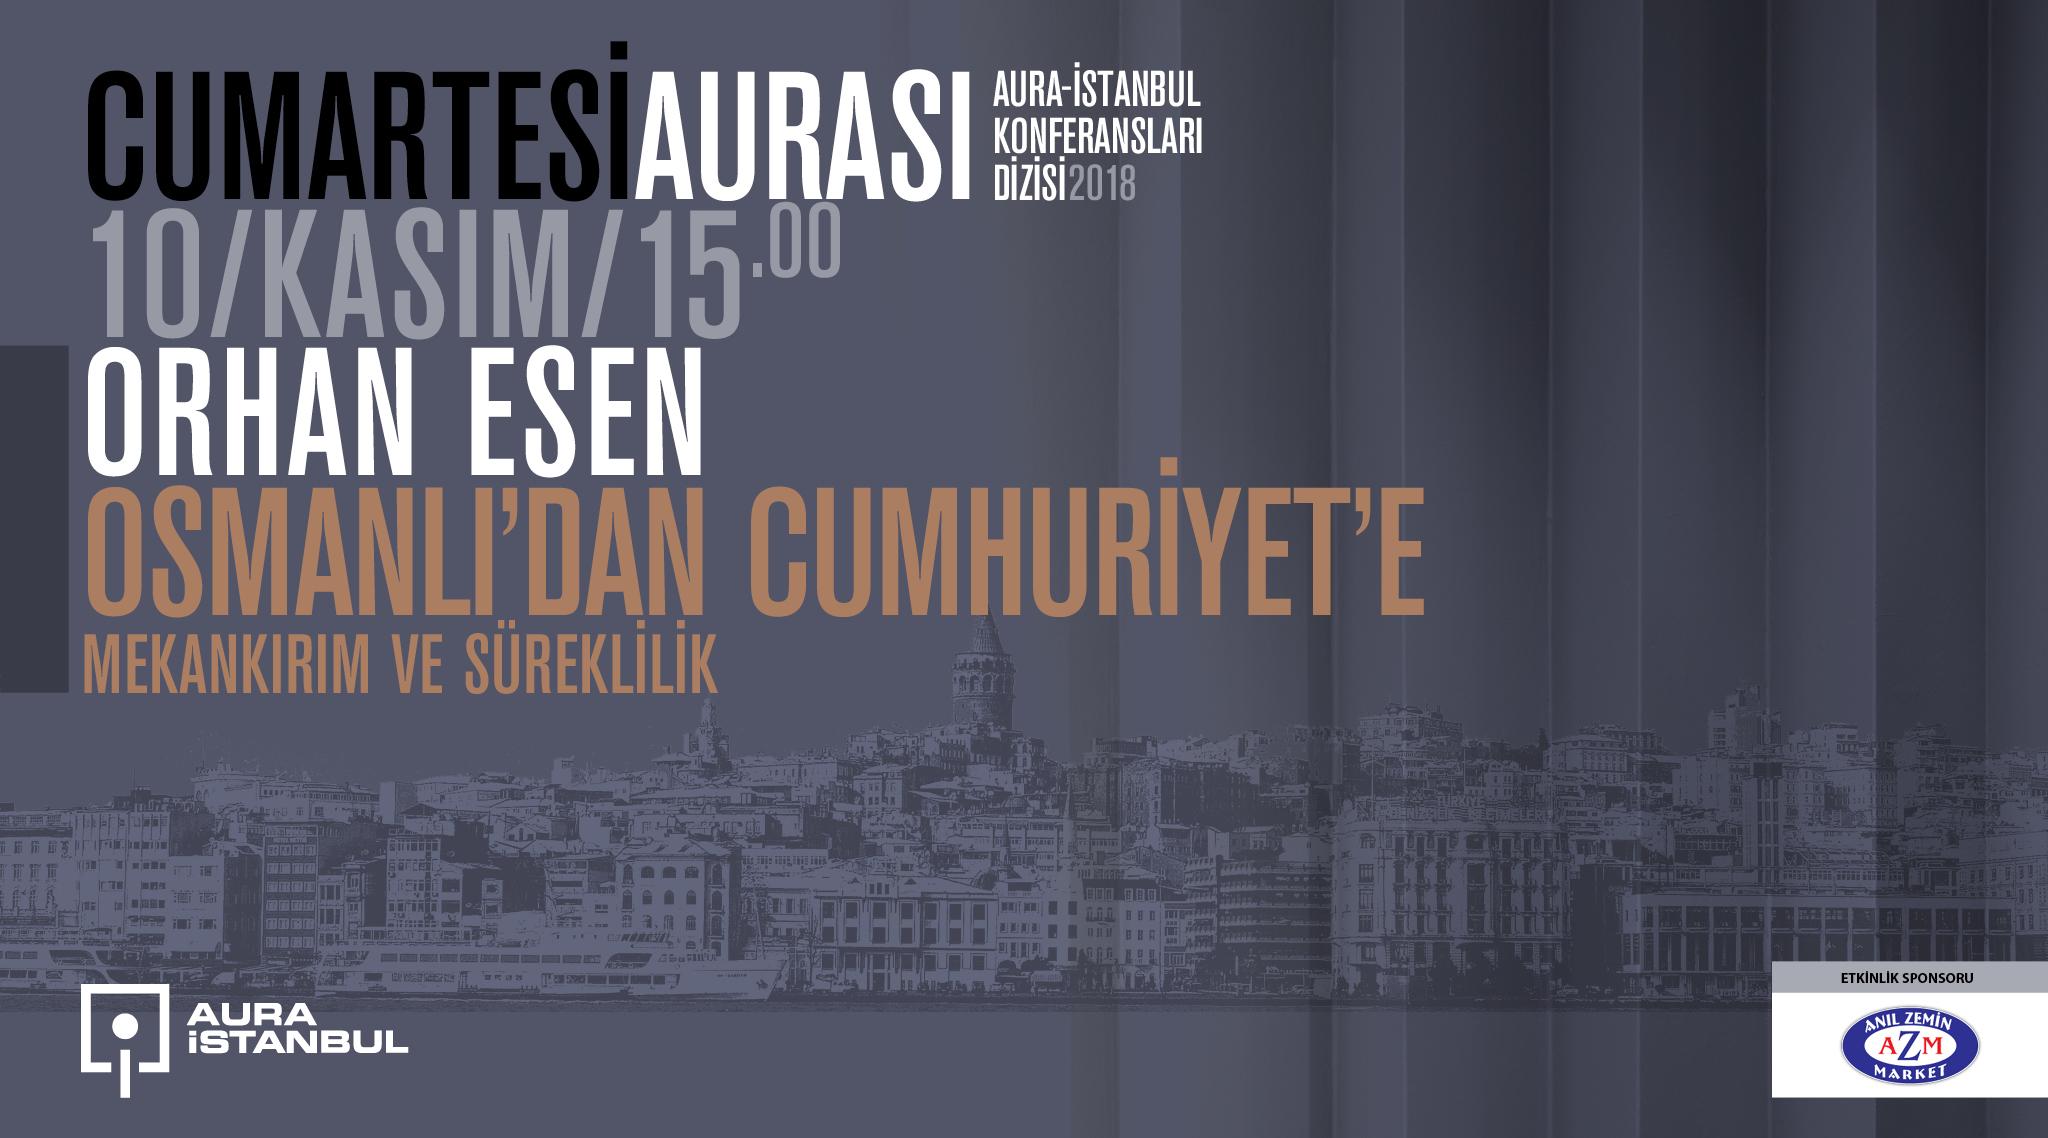 """Cumartesi Aurası: Orhan Esen """"Osmanlı'dan Cumhuriyet'e: Mekankırım ve Süreklilik"""""""